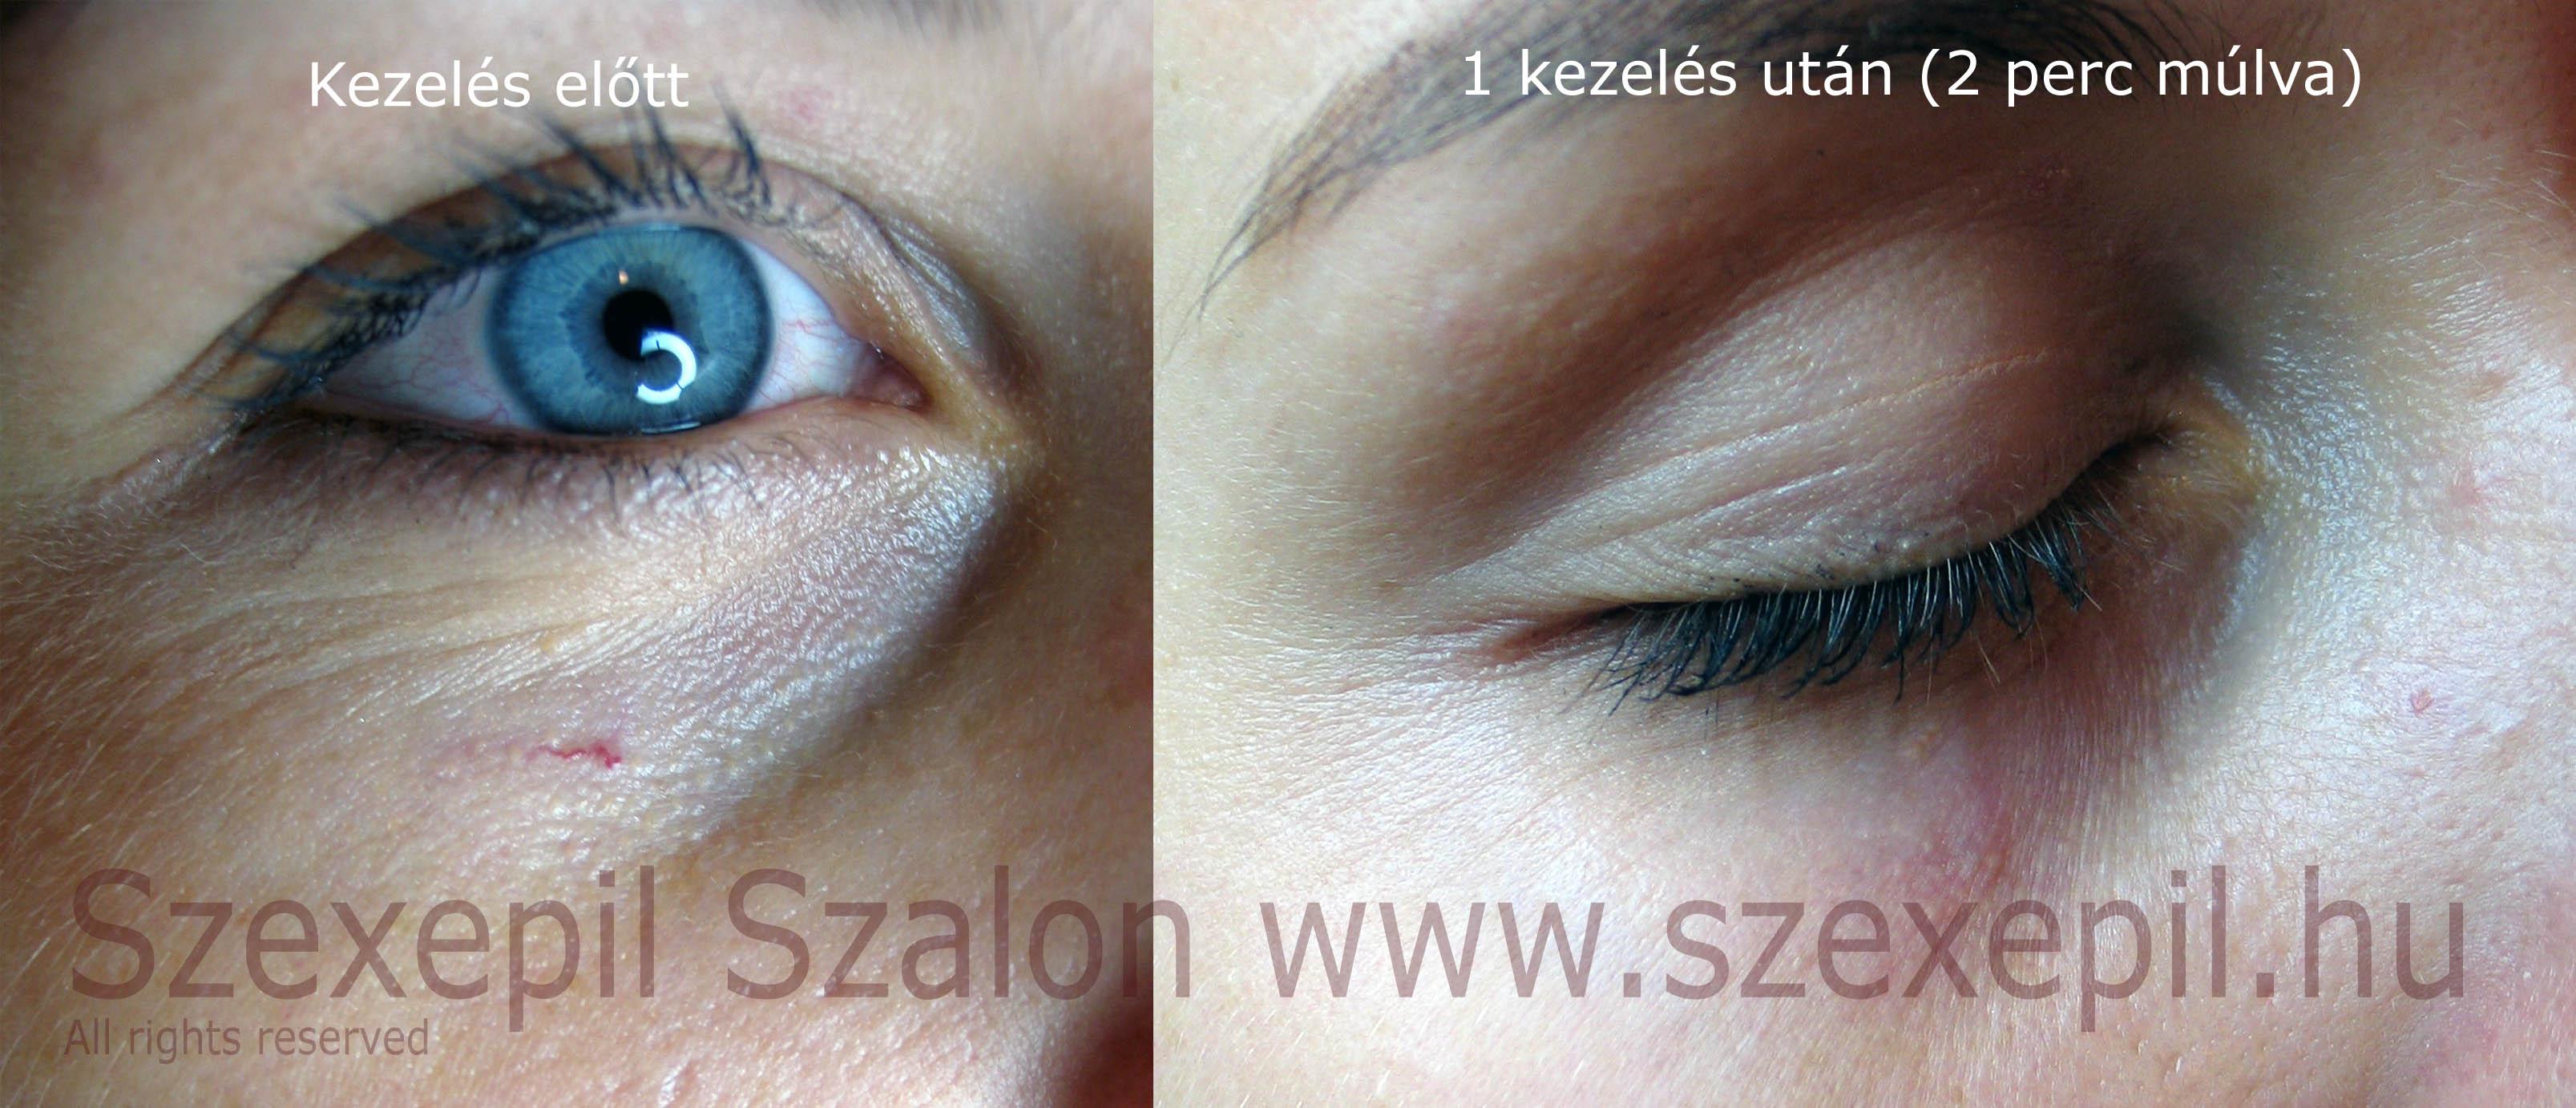 visszeres szem kezelés